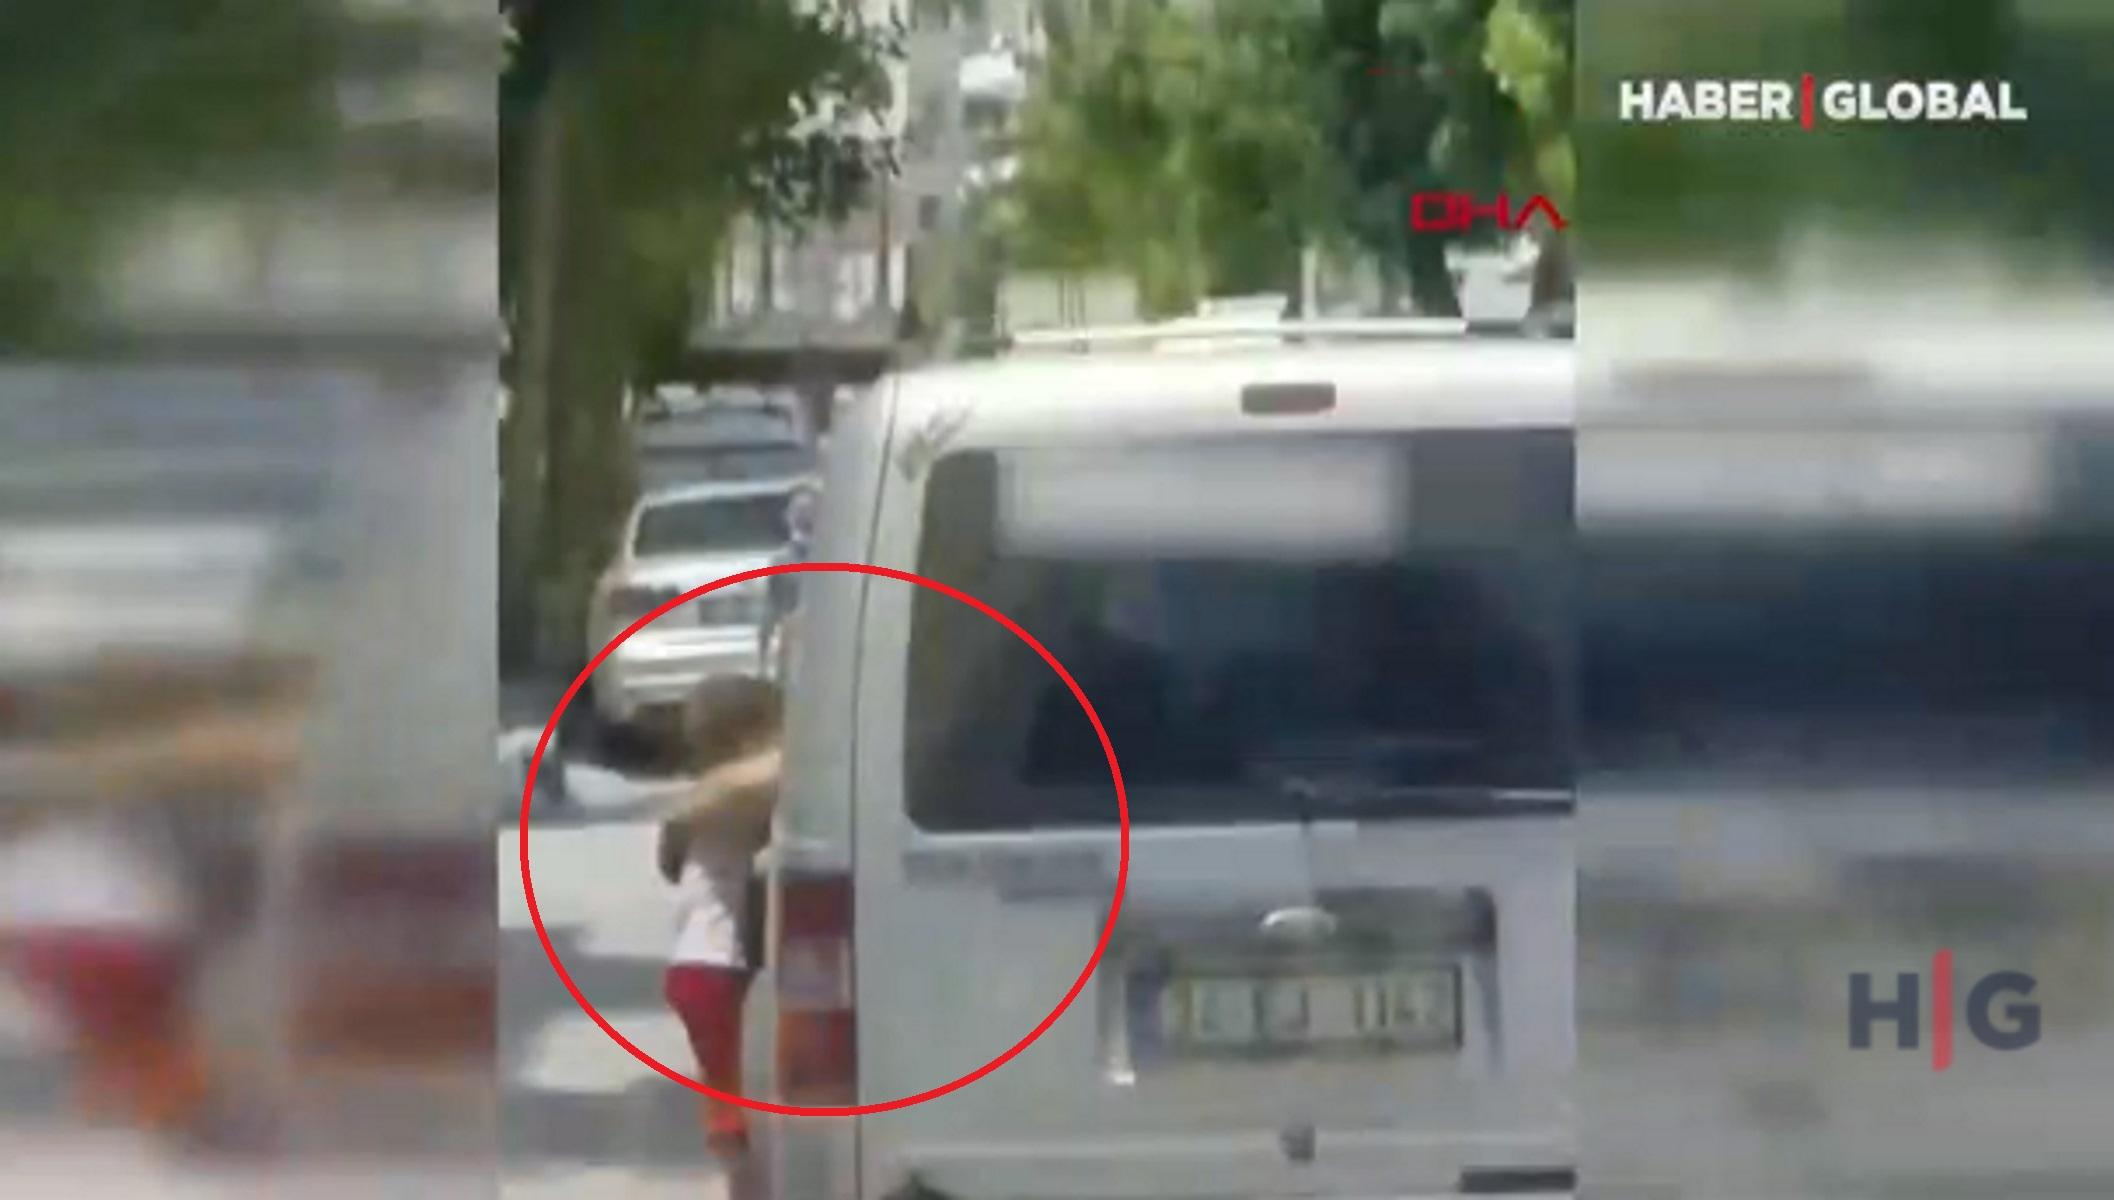 Εξοργιστικό βίντεο: Κρέμασε τον 3χρονο γιο του στην πόρτα του αυτοκινήτου για να τον τιμωρήσει